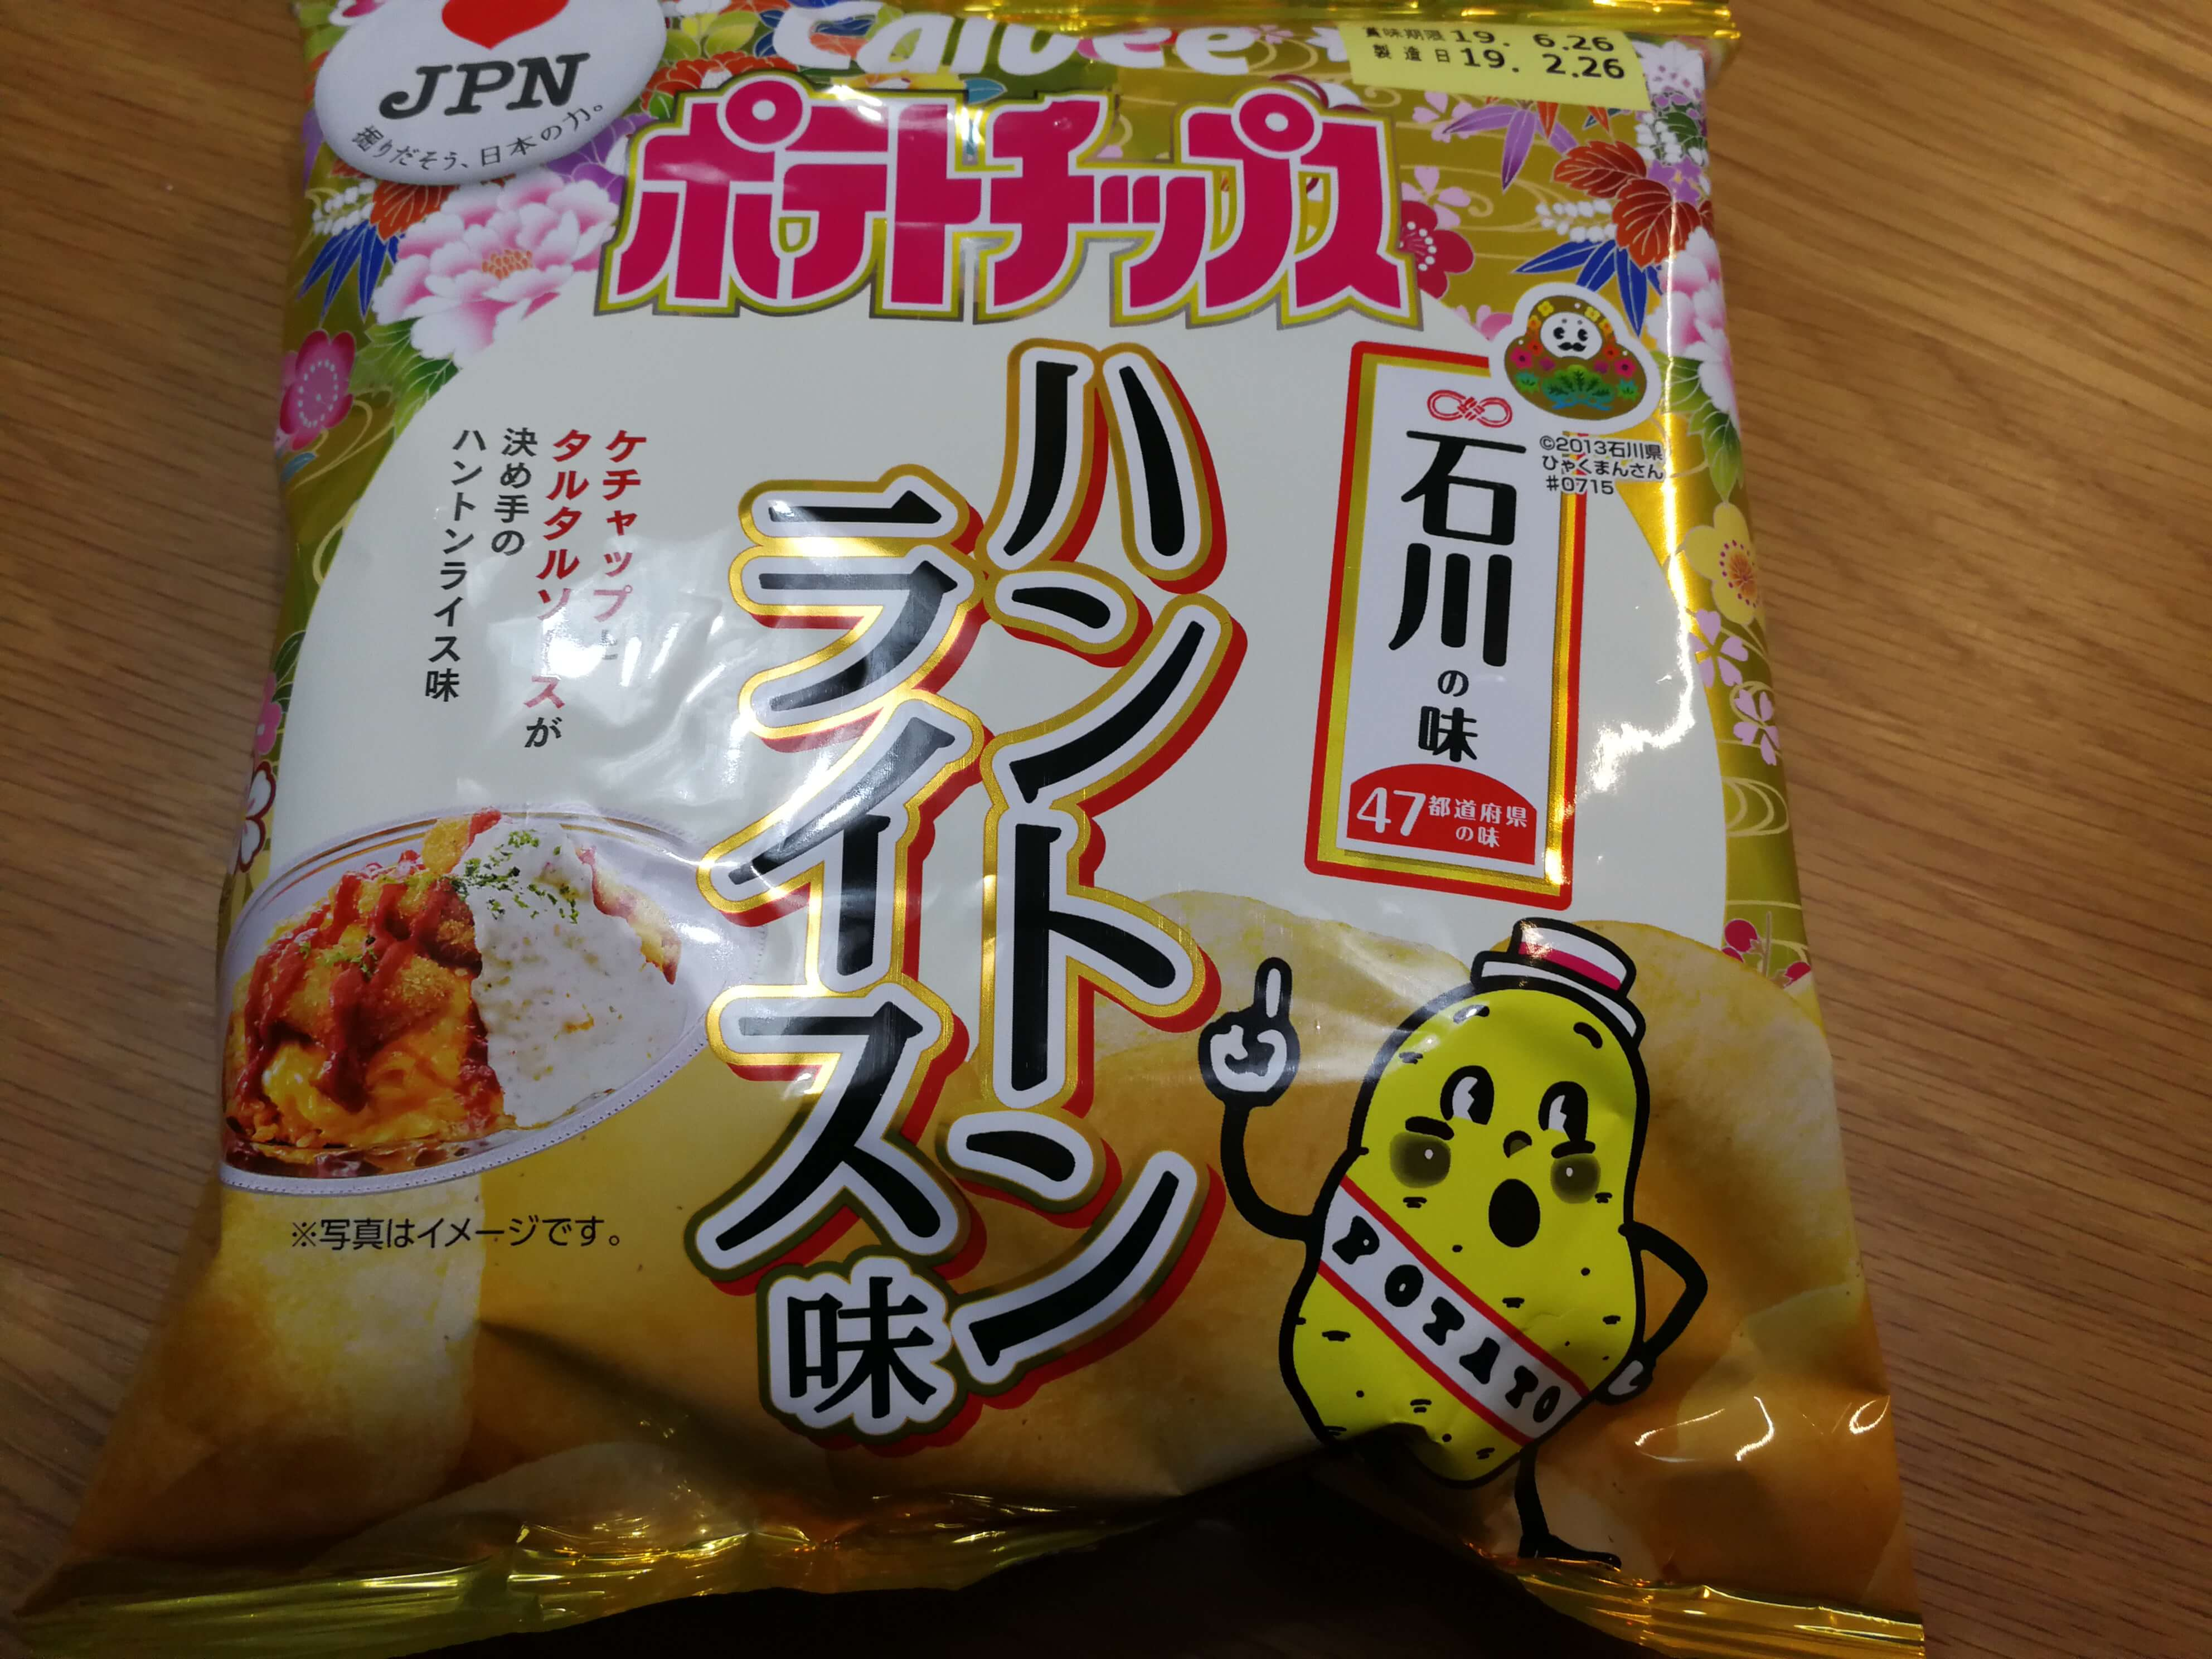 ポテトチップス ハントンライス味|石川県はどんな味?47都道府県ご当地の味